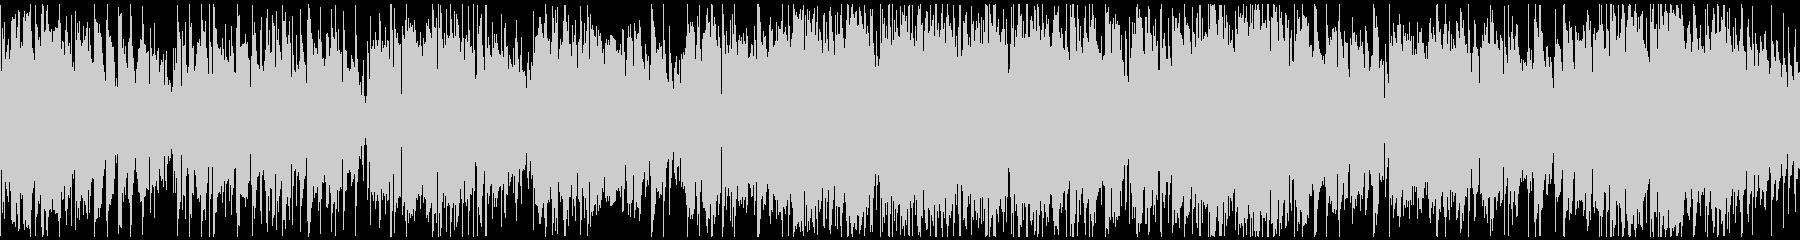 軽快なジャズワルツ ※ループ仕様版の未再生の波形